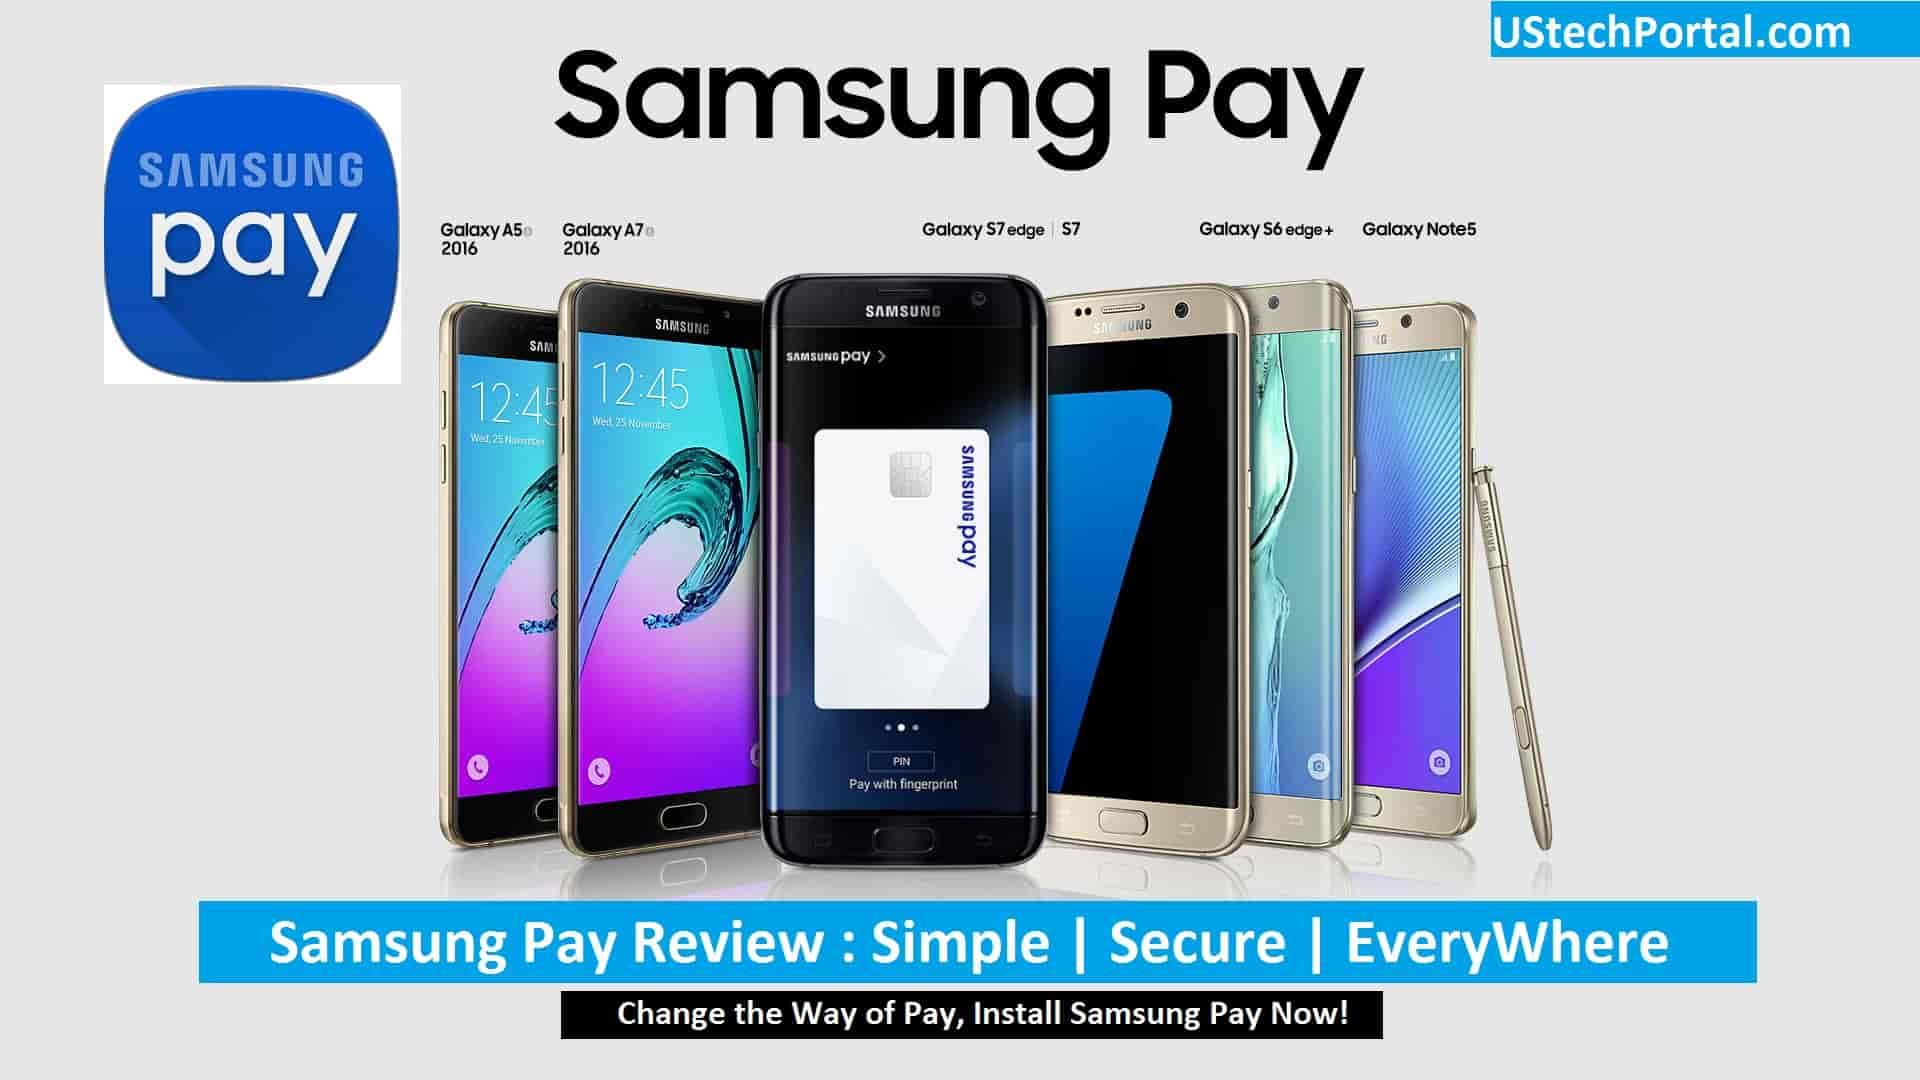 Samsung pay Review : Advantages | Disadvantages | Problems